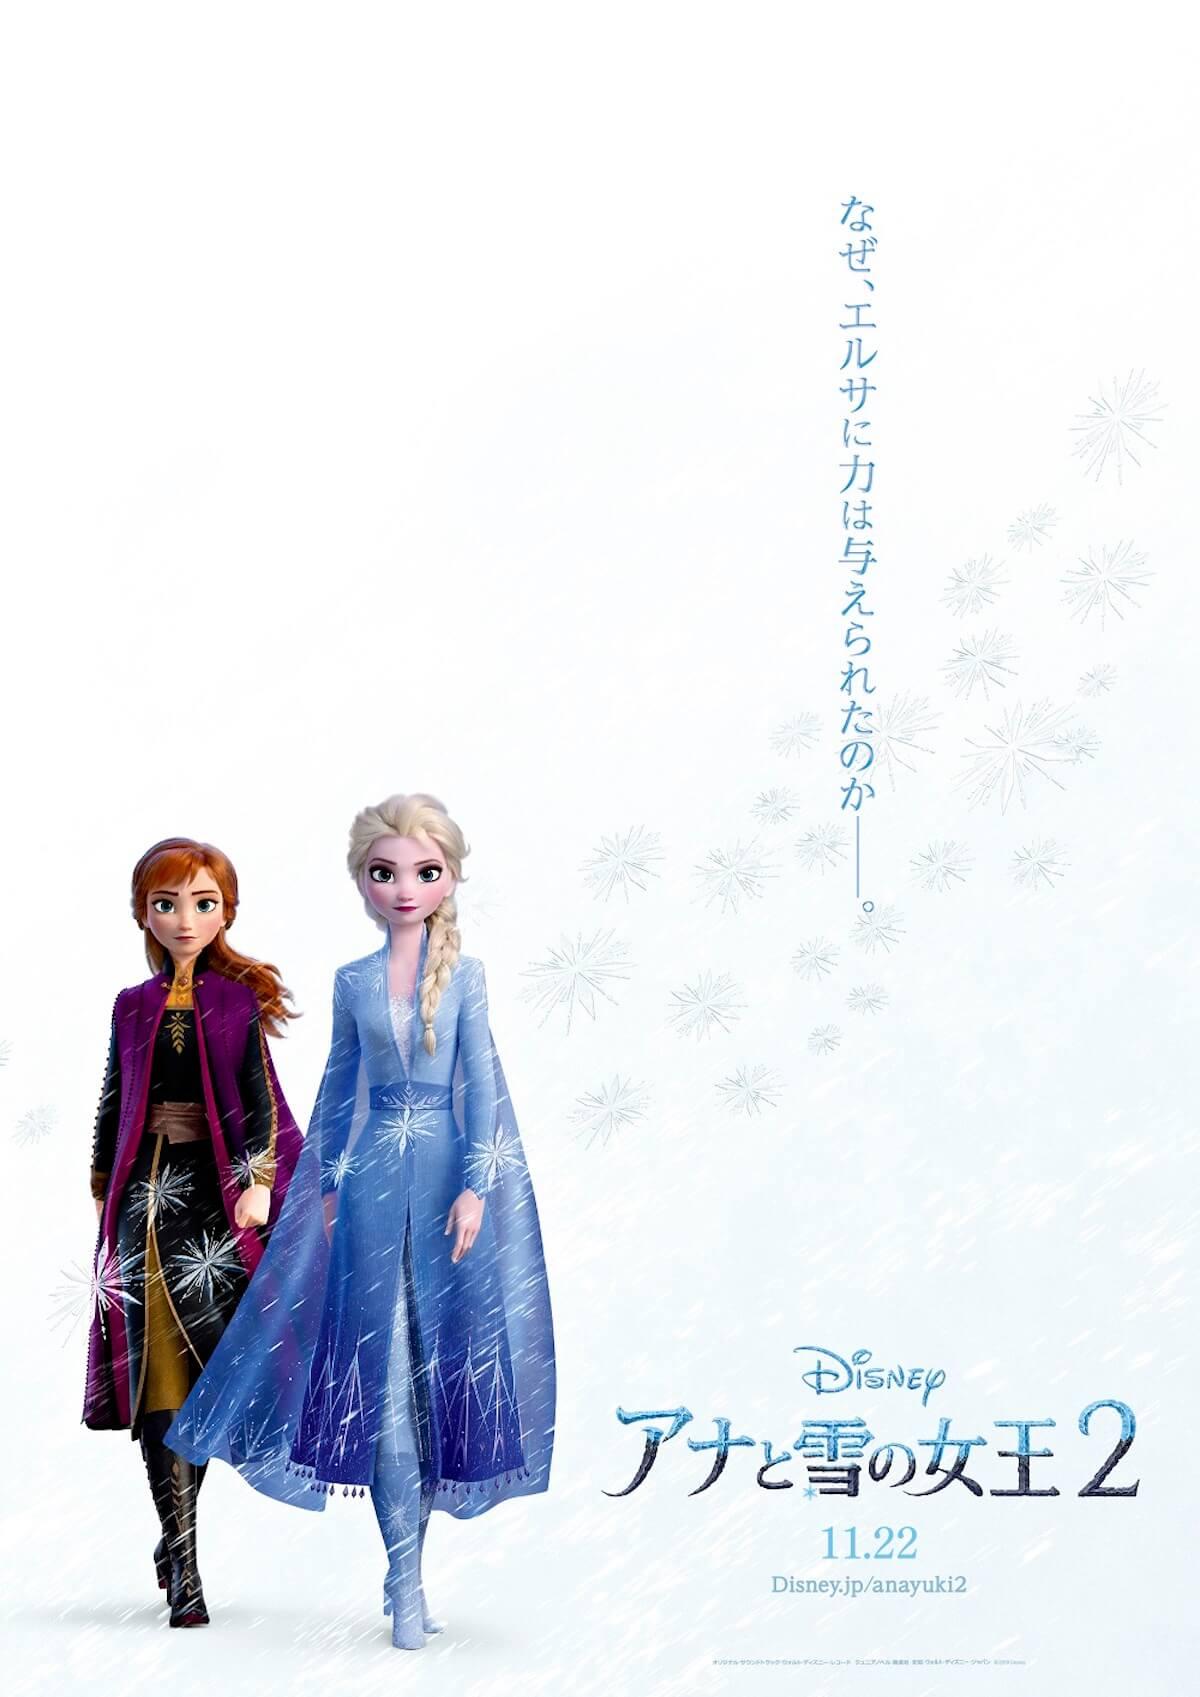 監督が語るアナ&エルサ姉妹の過去の謎とは?『アナと雪の女王2』日本版特報が解禁 film190618_frozen2_main